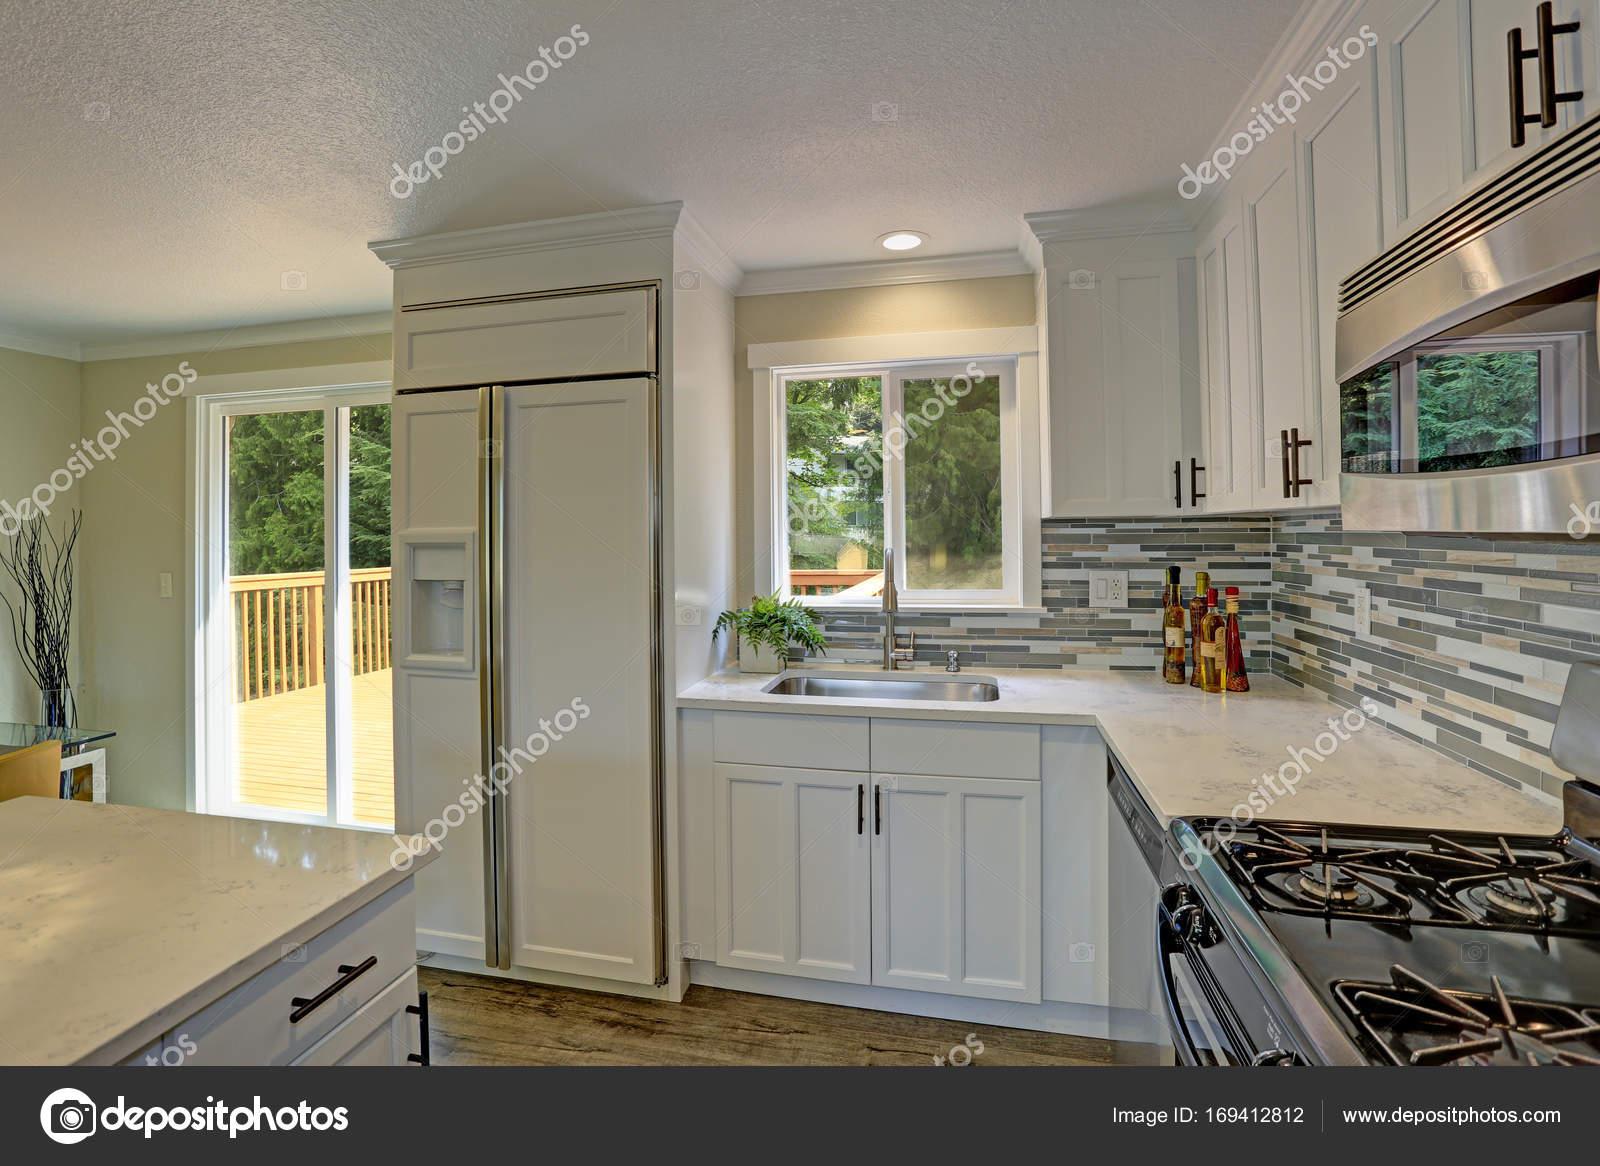 Mooie Witte Keuken : Keukens limburg fresh hoogglans witte keuken met toestellen mooi